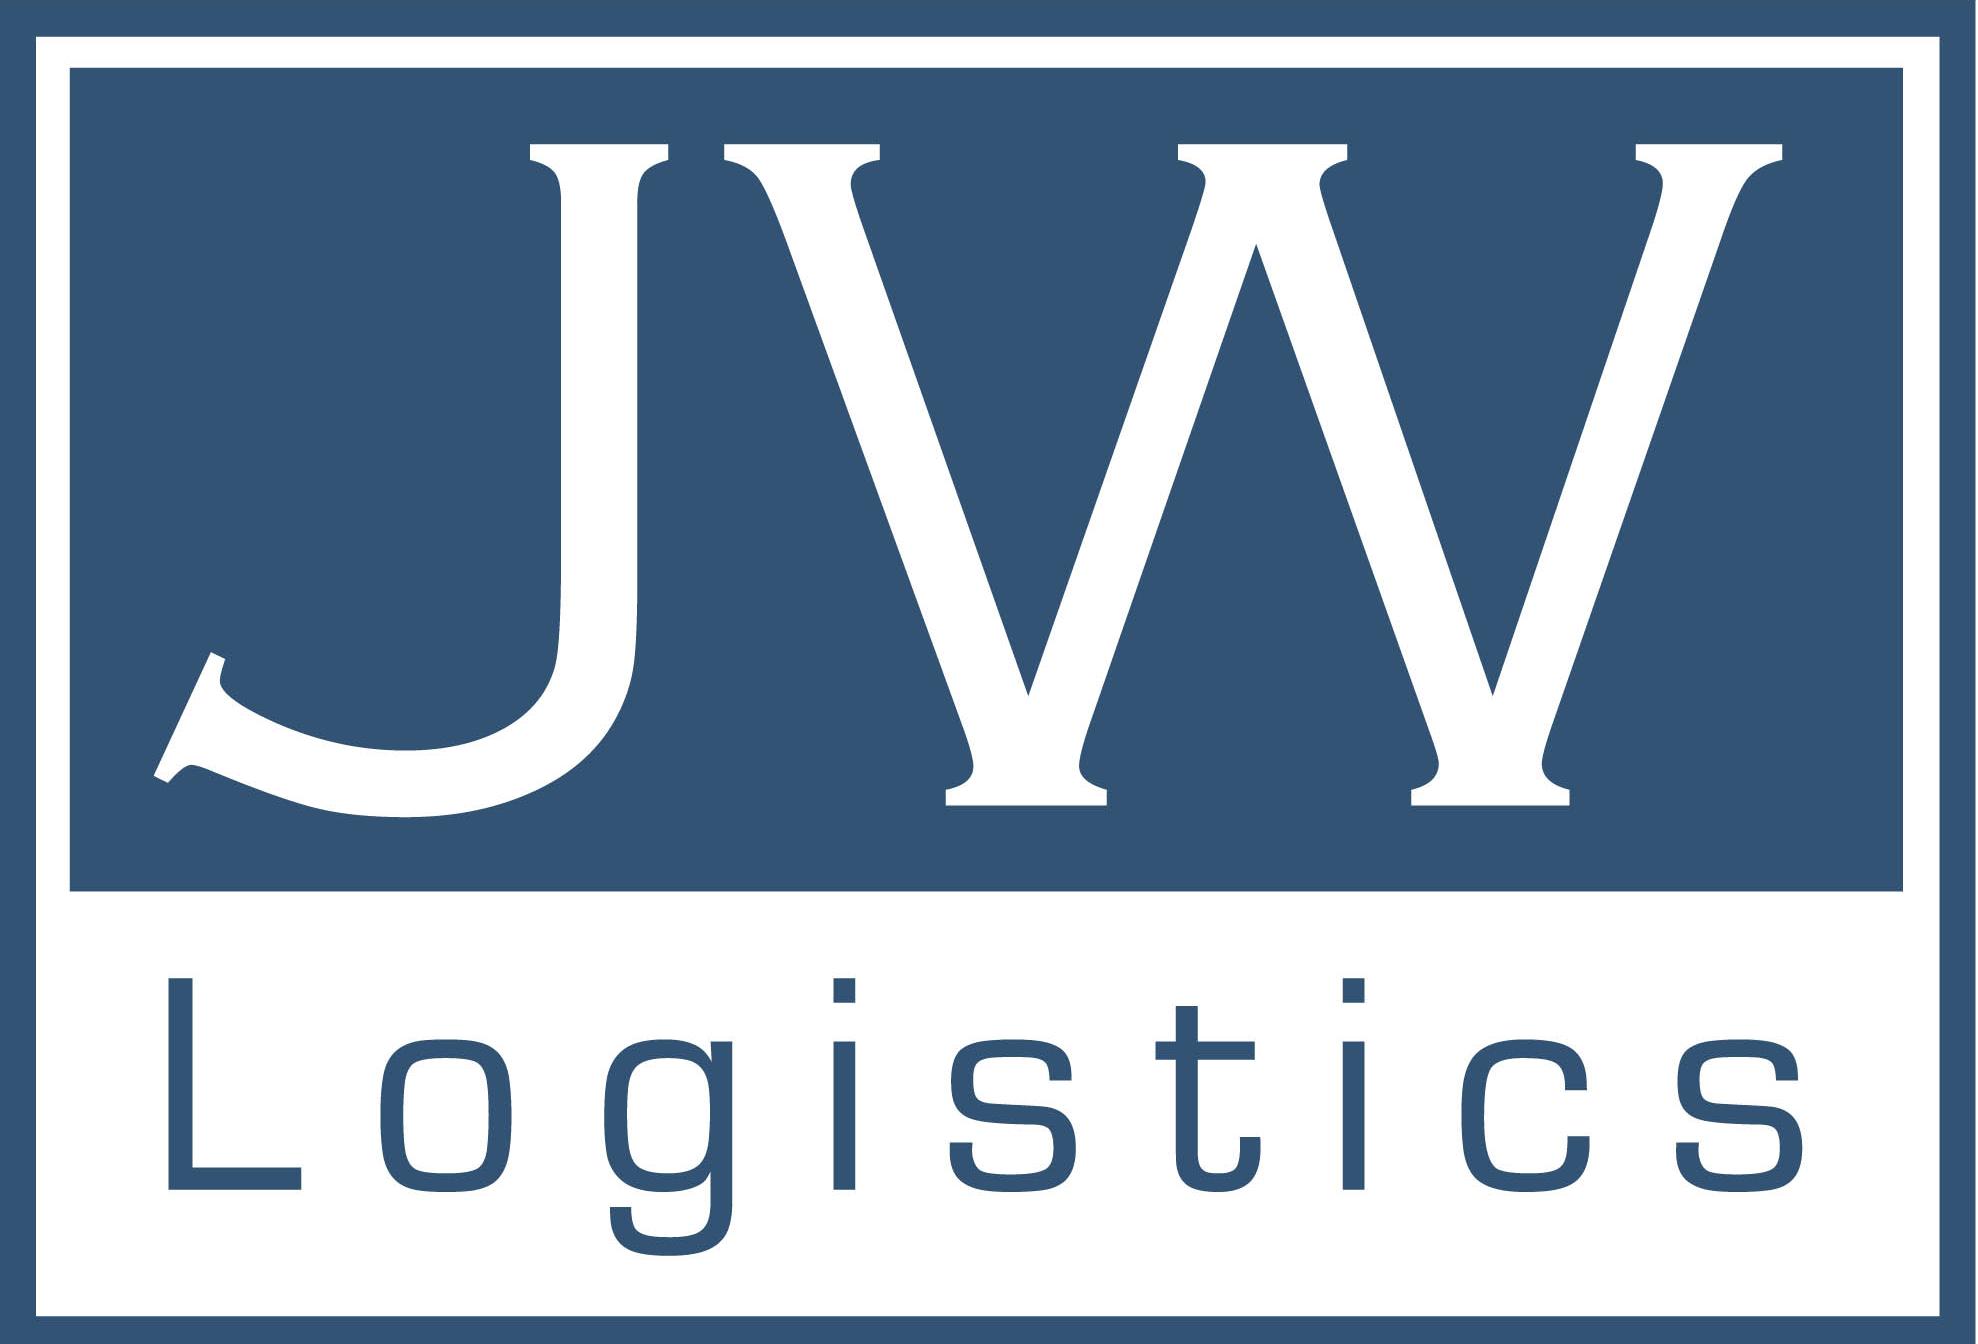 J.W. Logistics